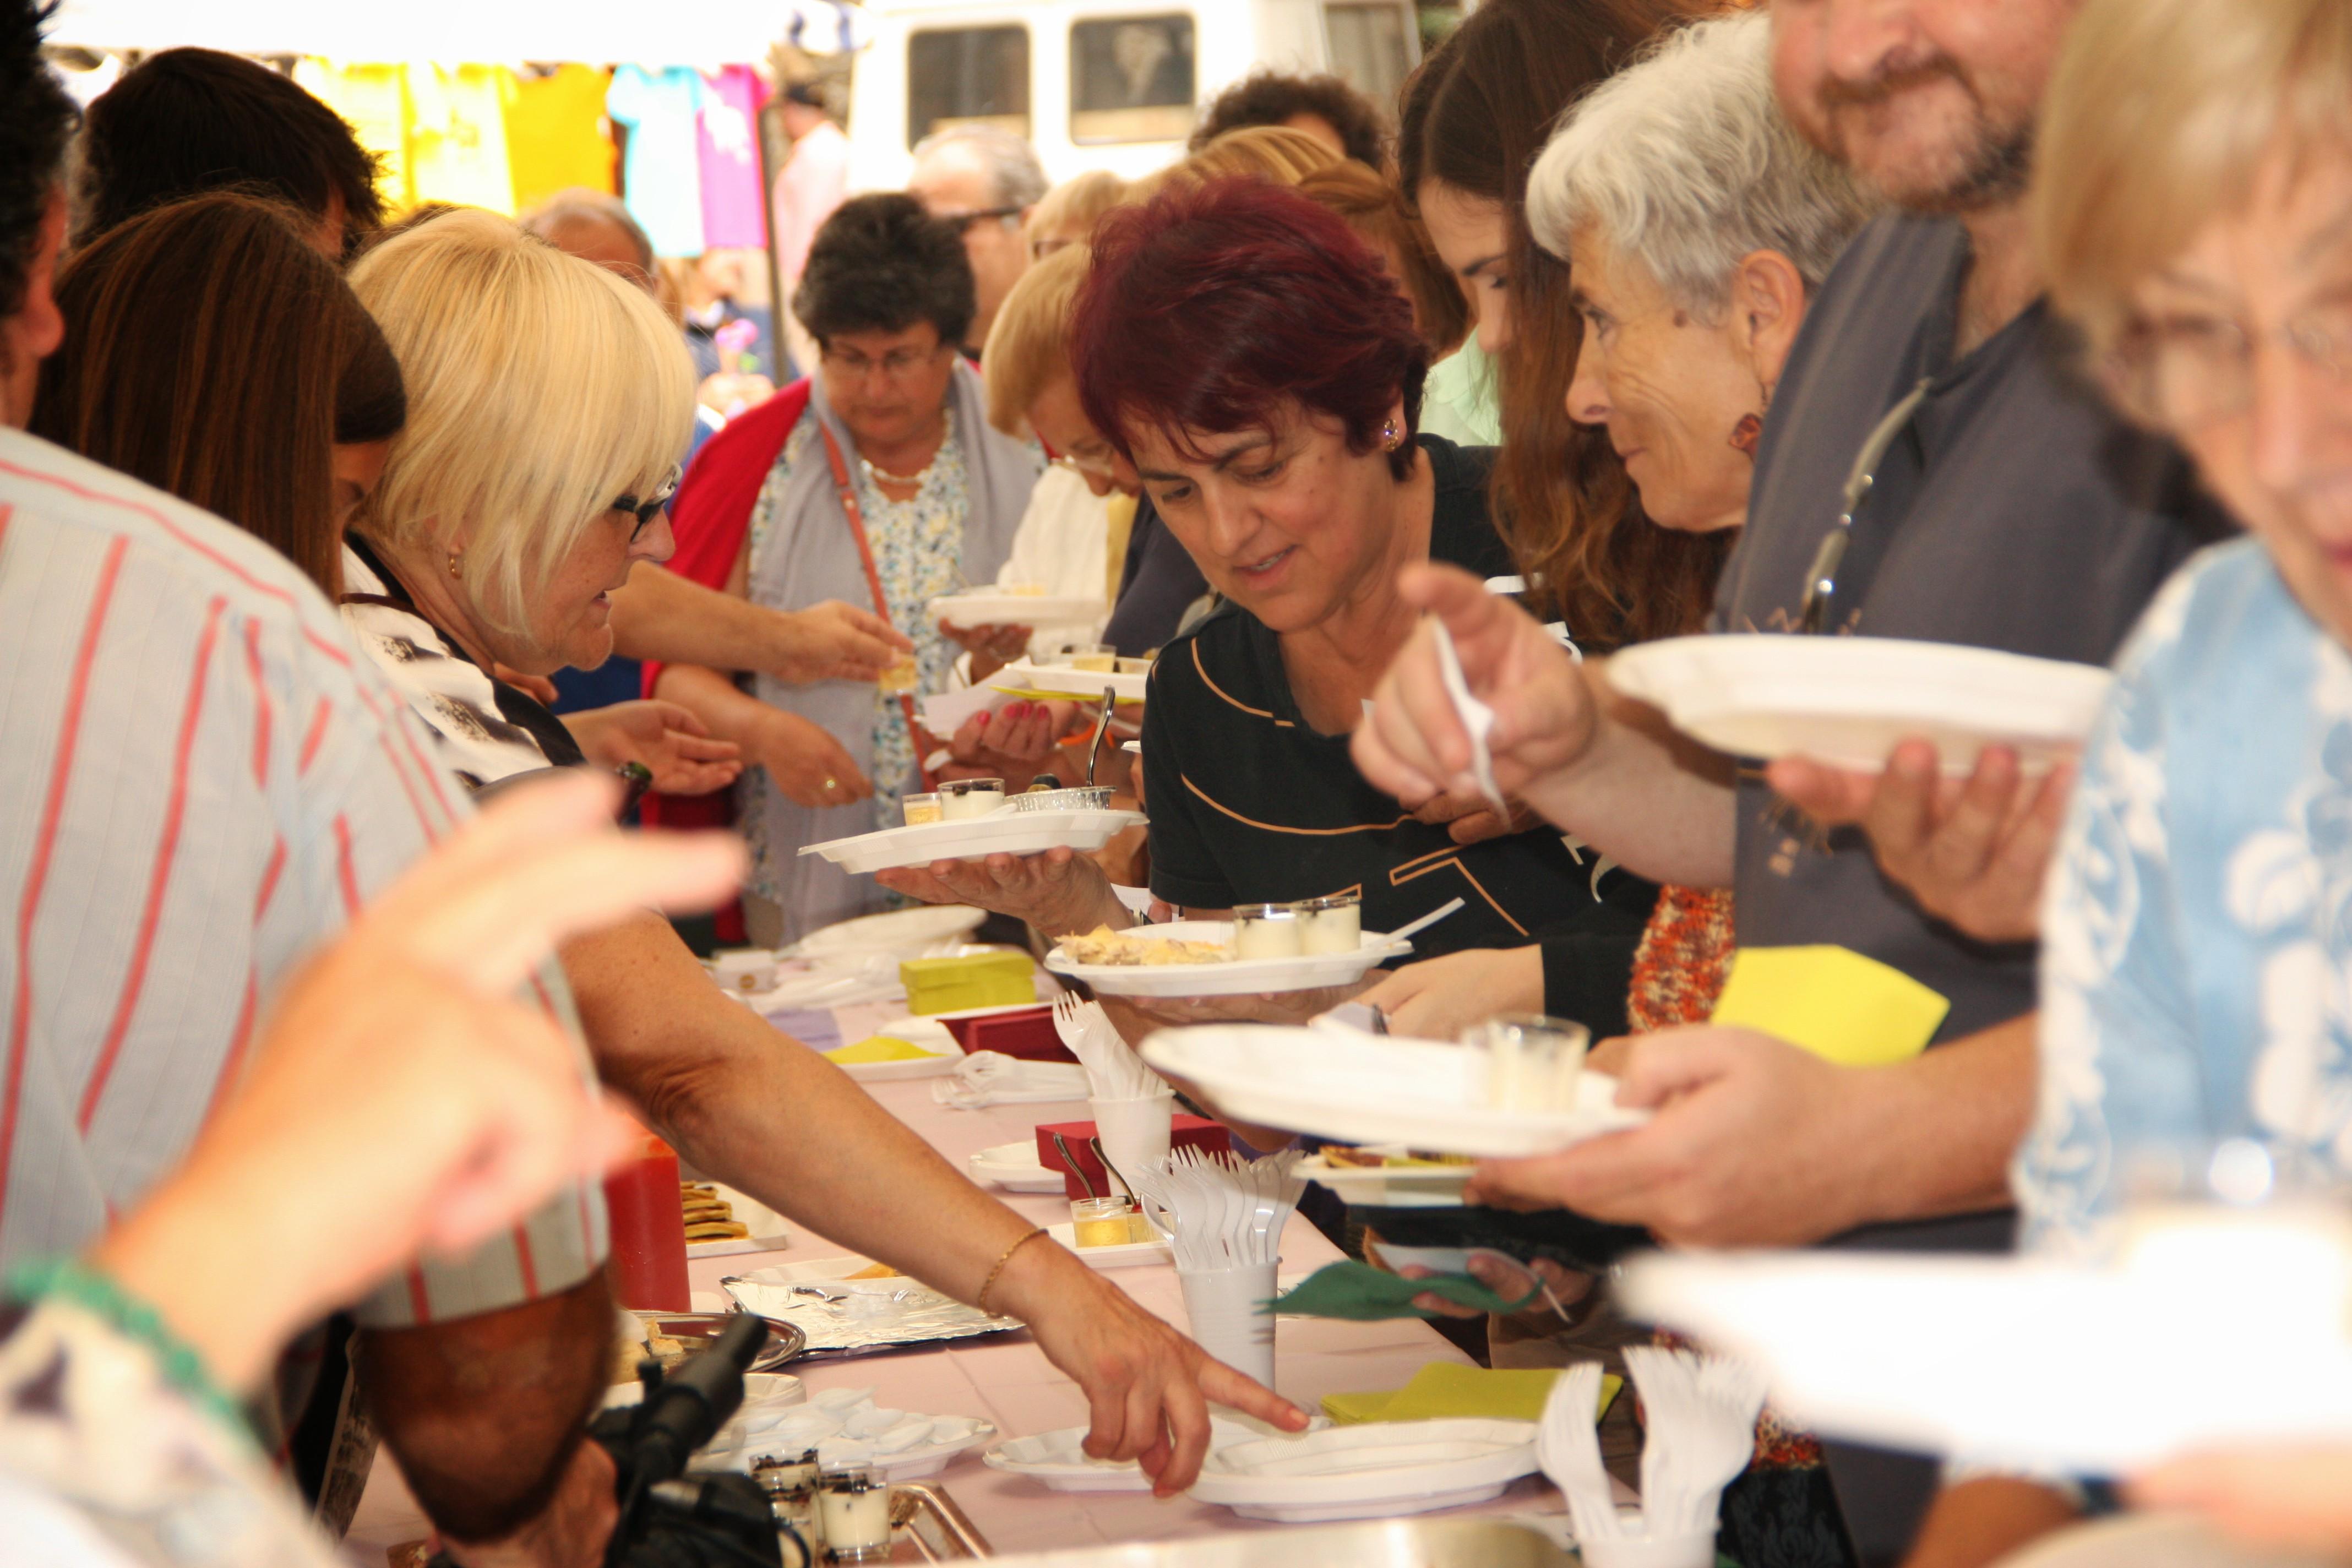 2014_09_13 FESTA DE LA TRUMFA - MOLLO 2014 040.JPG